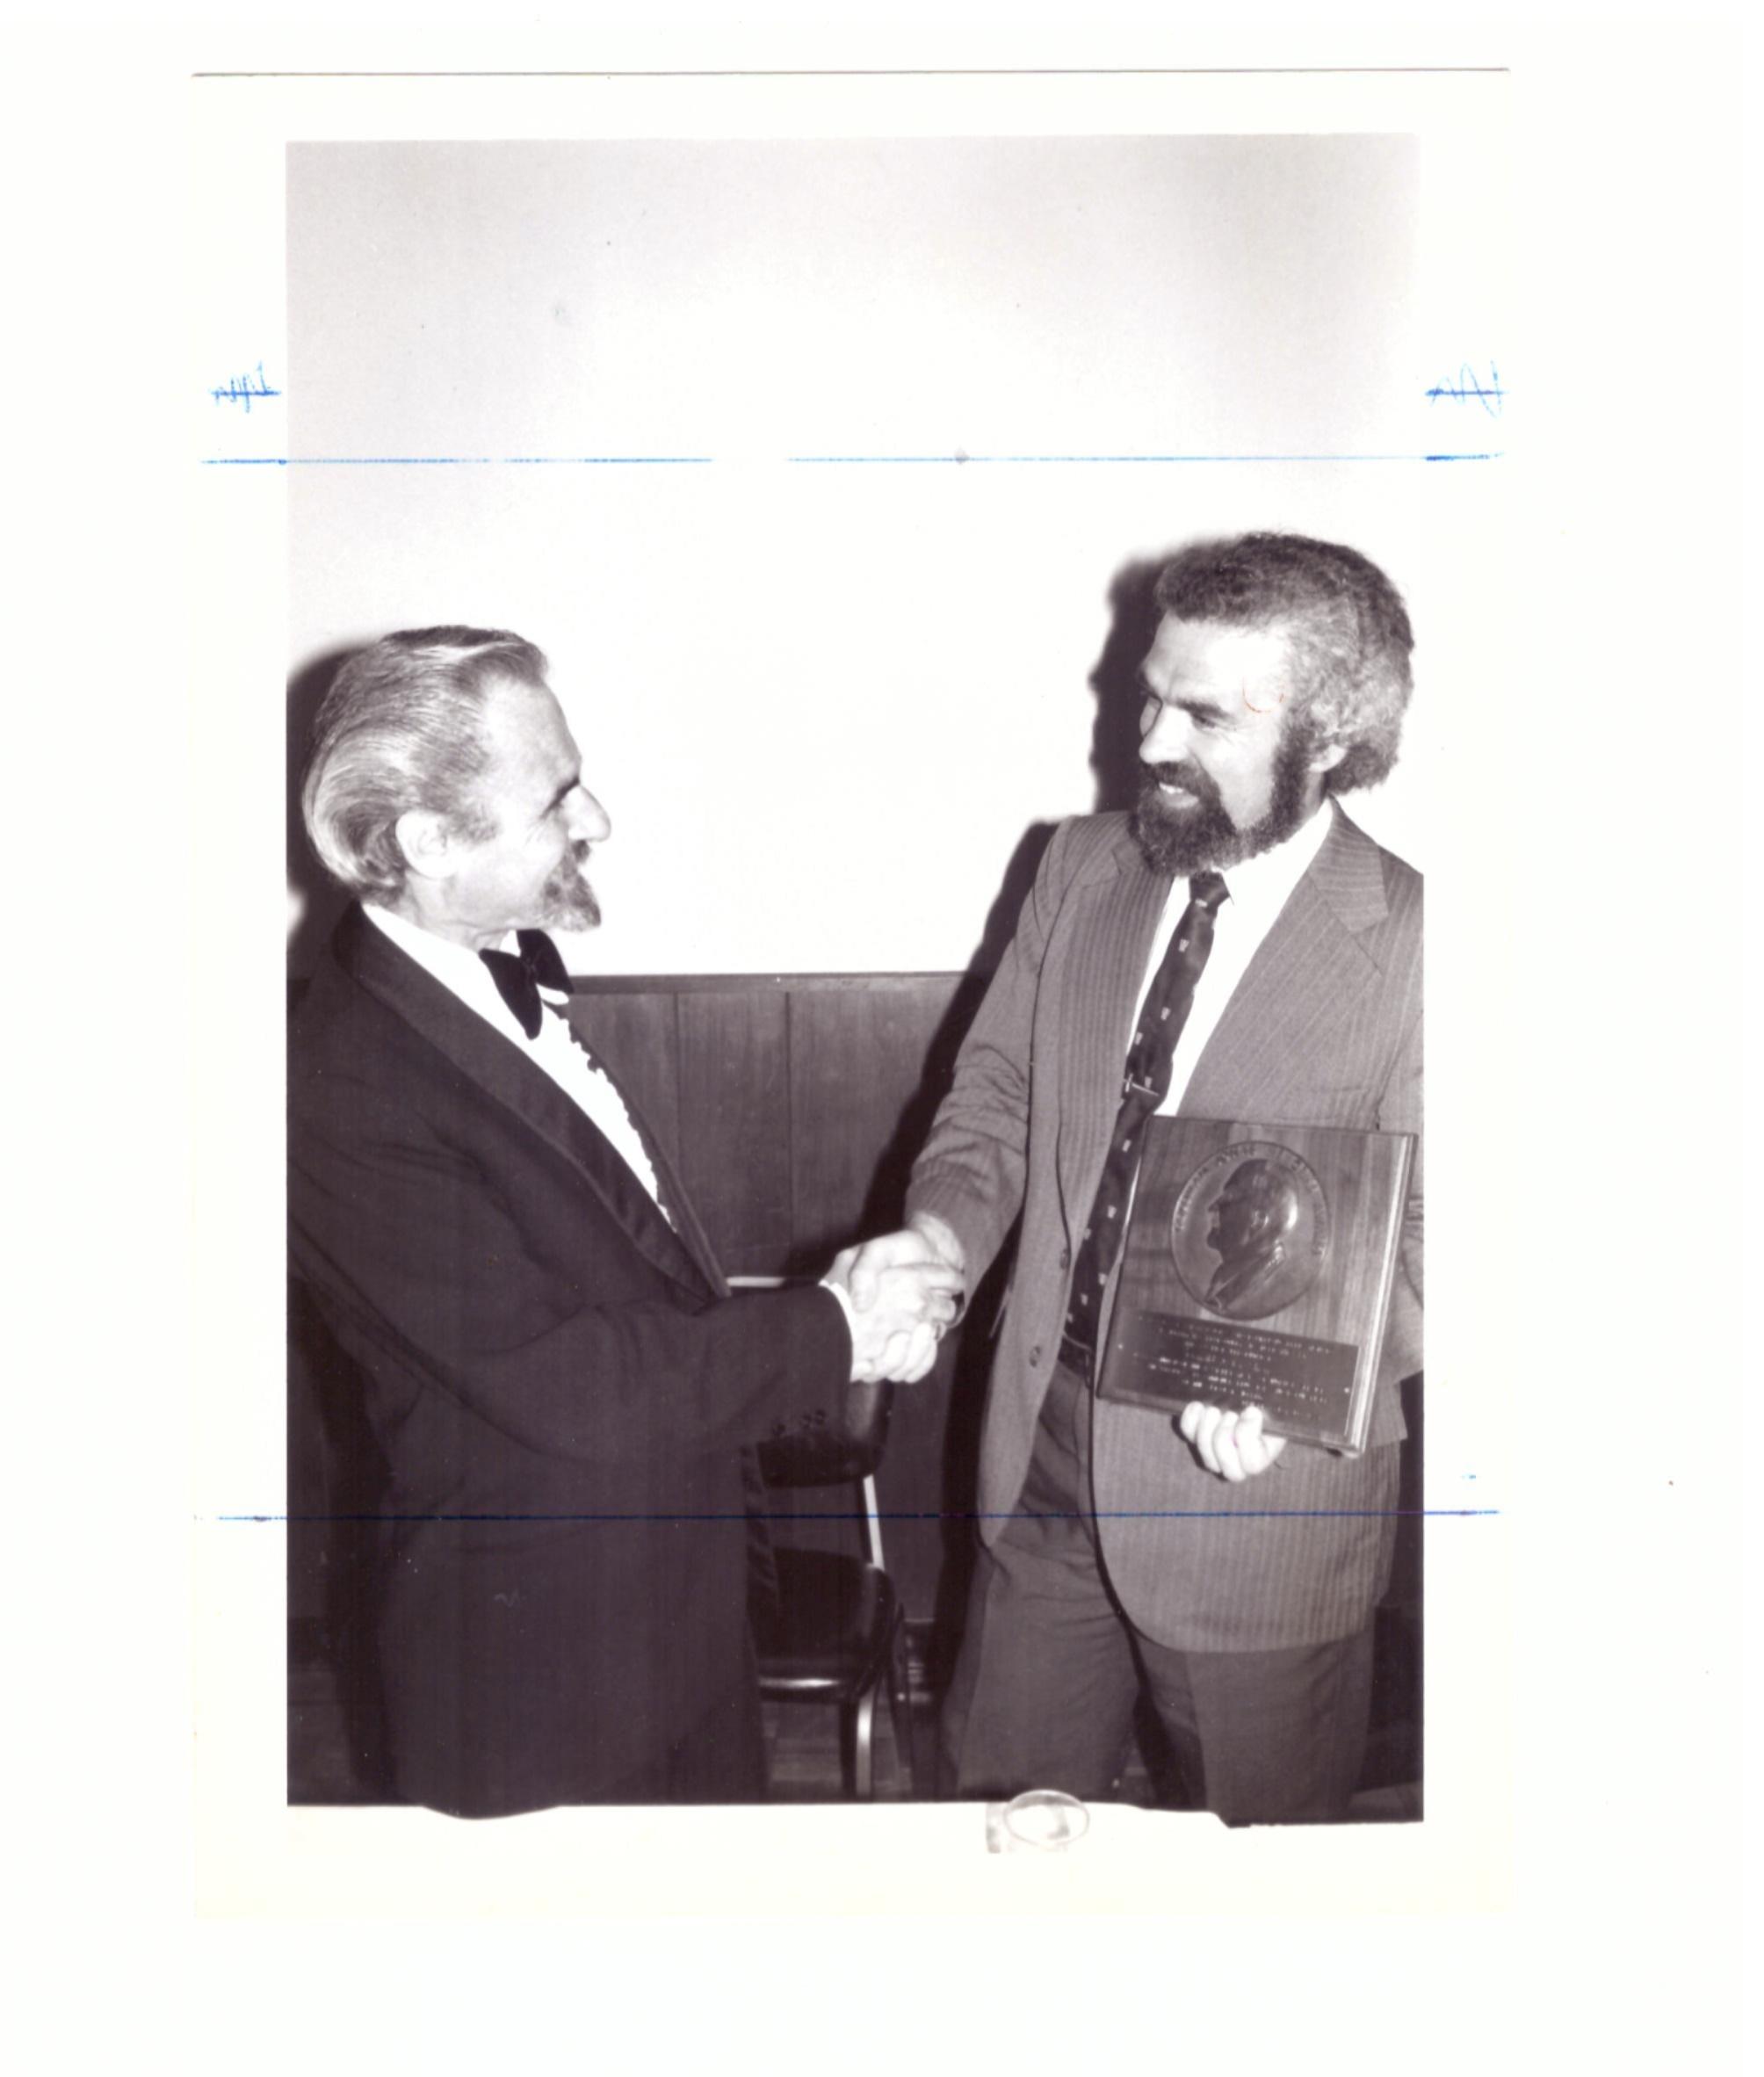 Onno Van Veen and Don Sharp - Copy.jpg